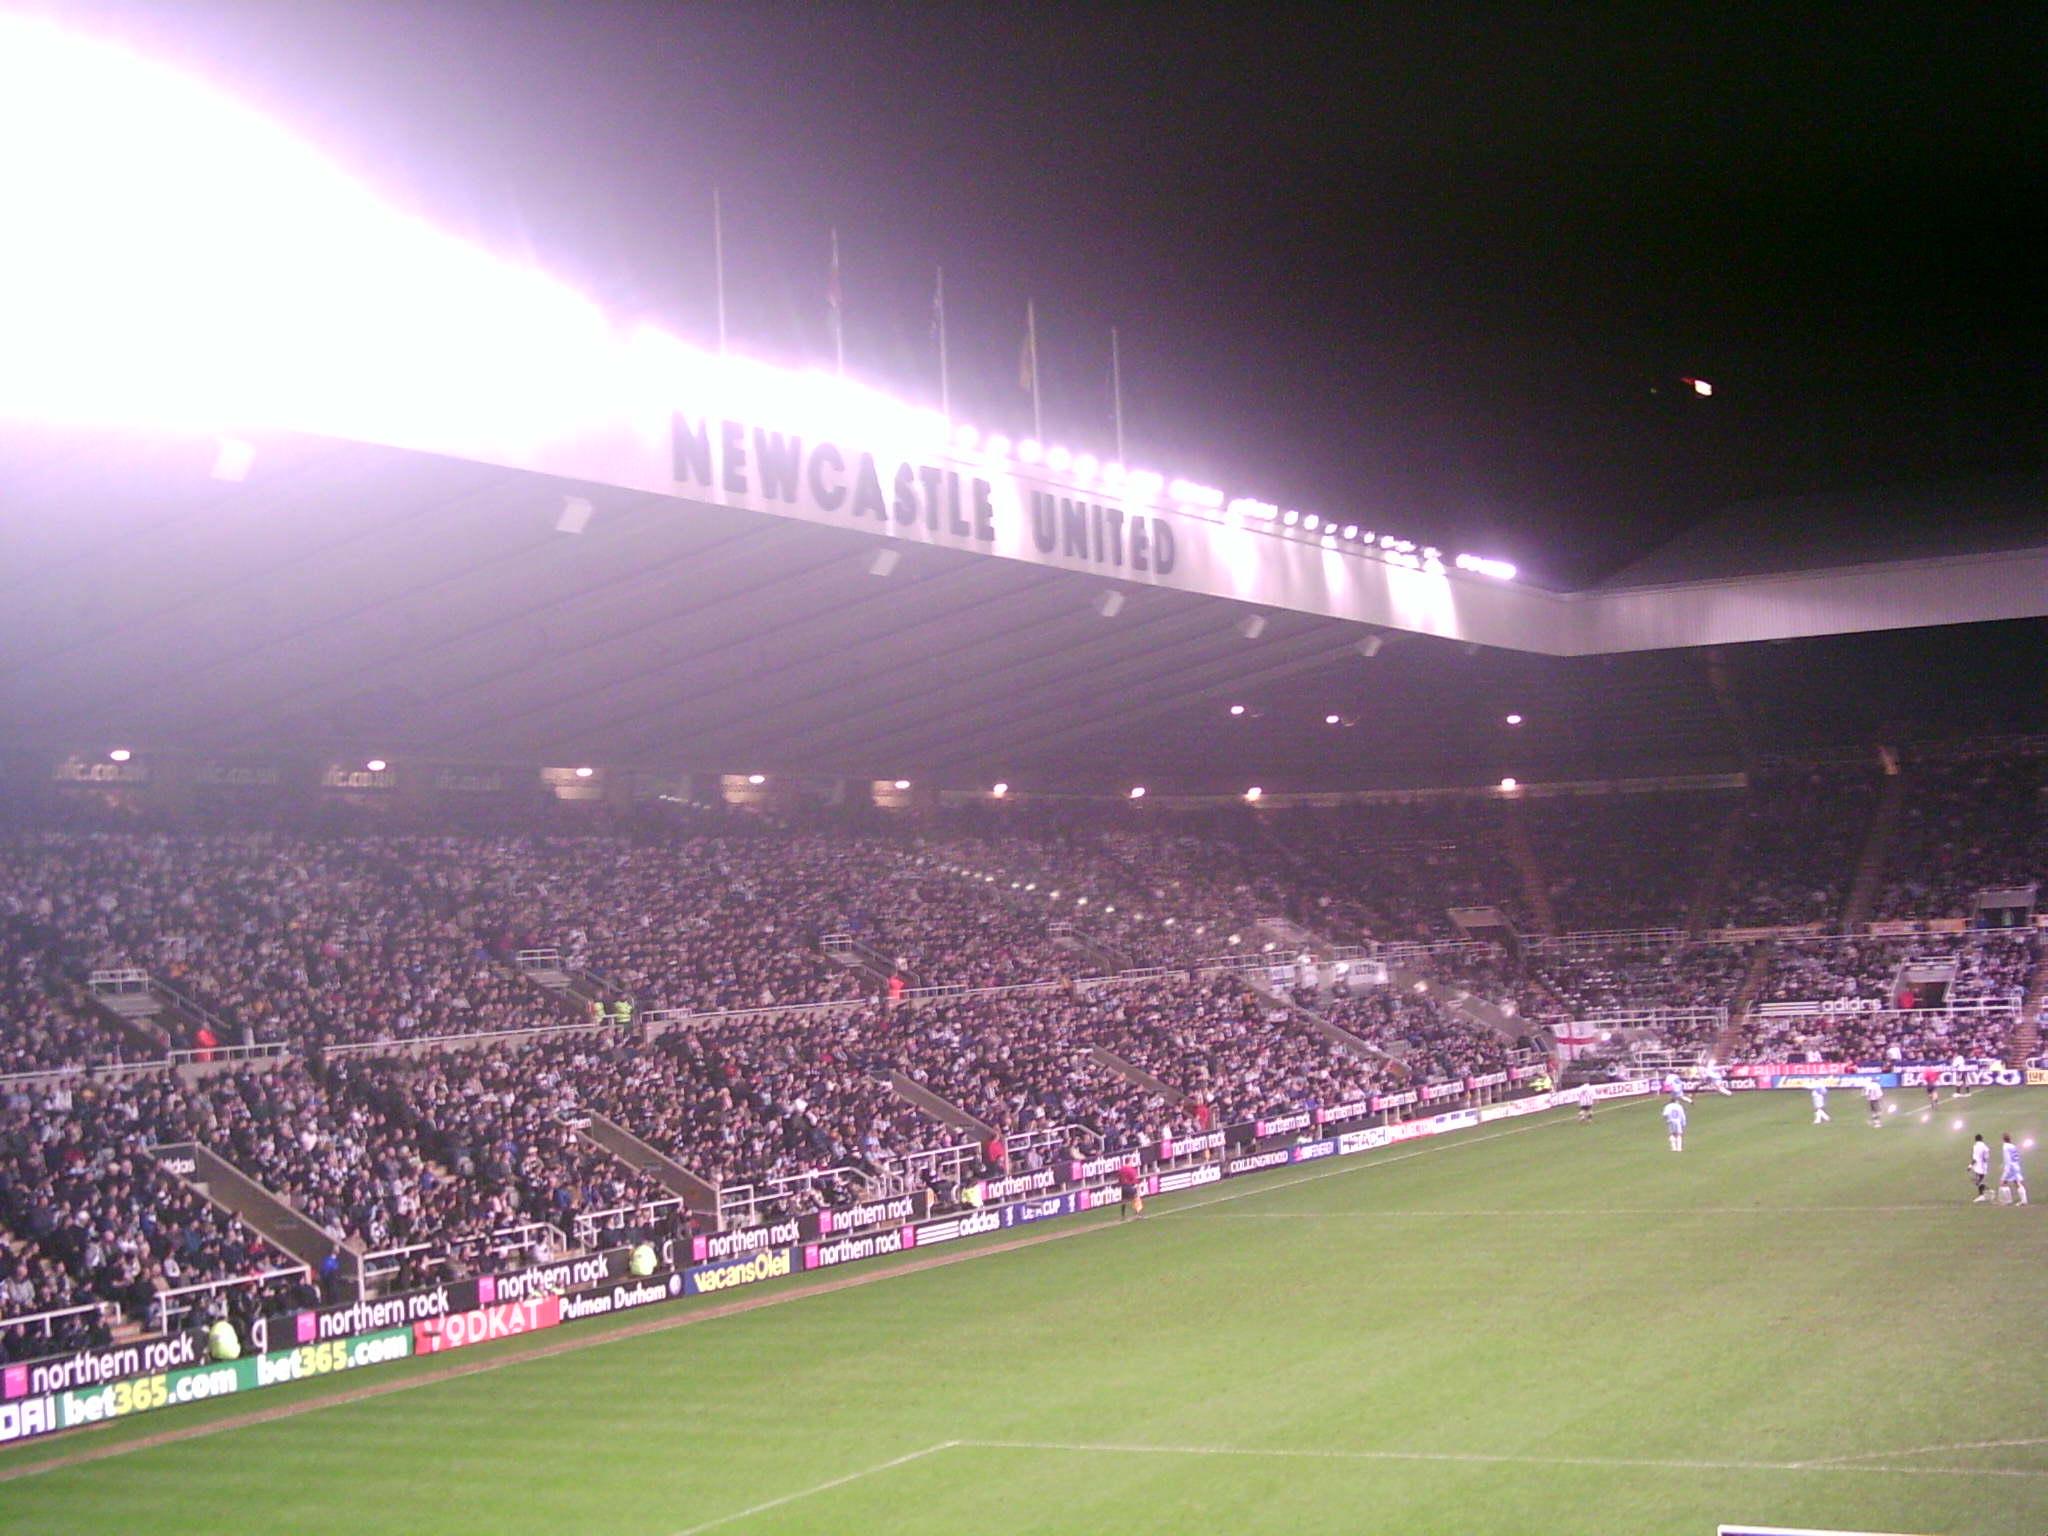 newcastle united - photo #22